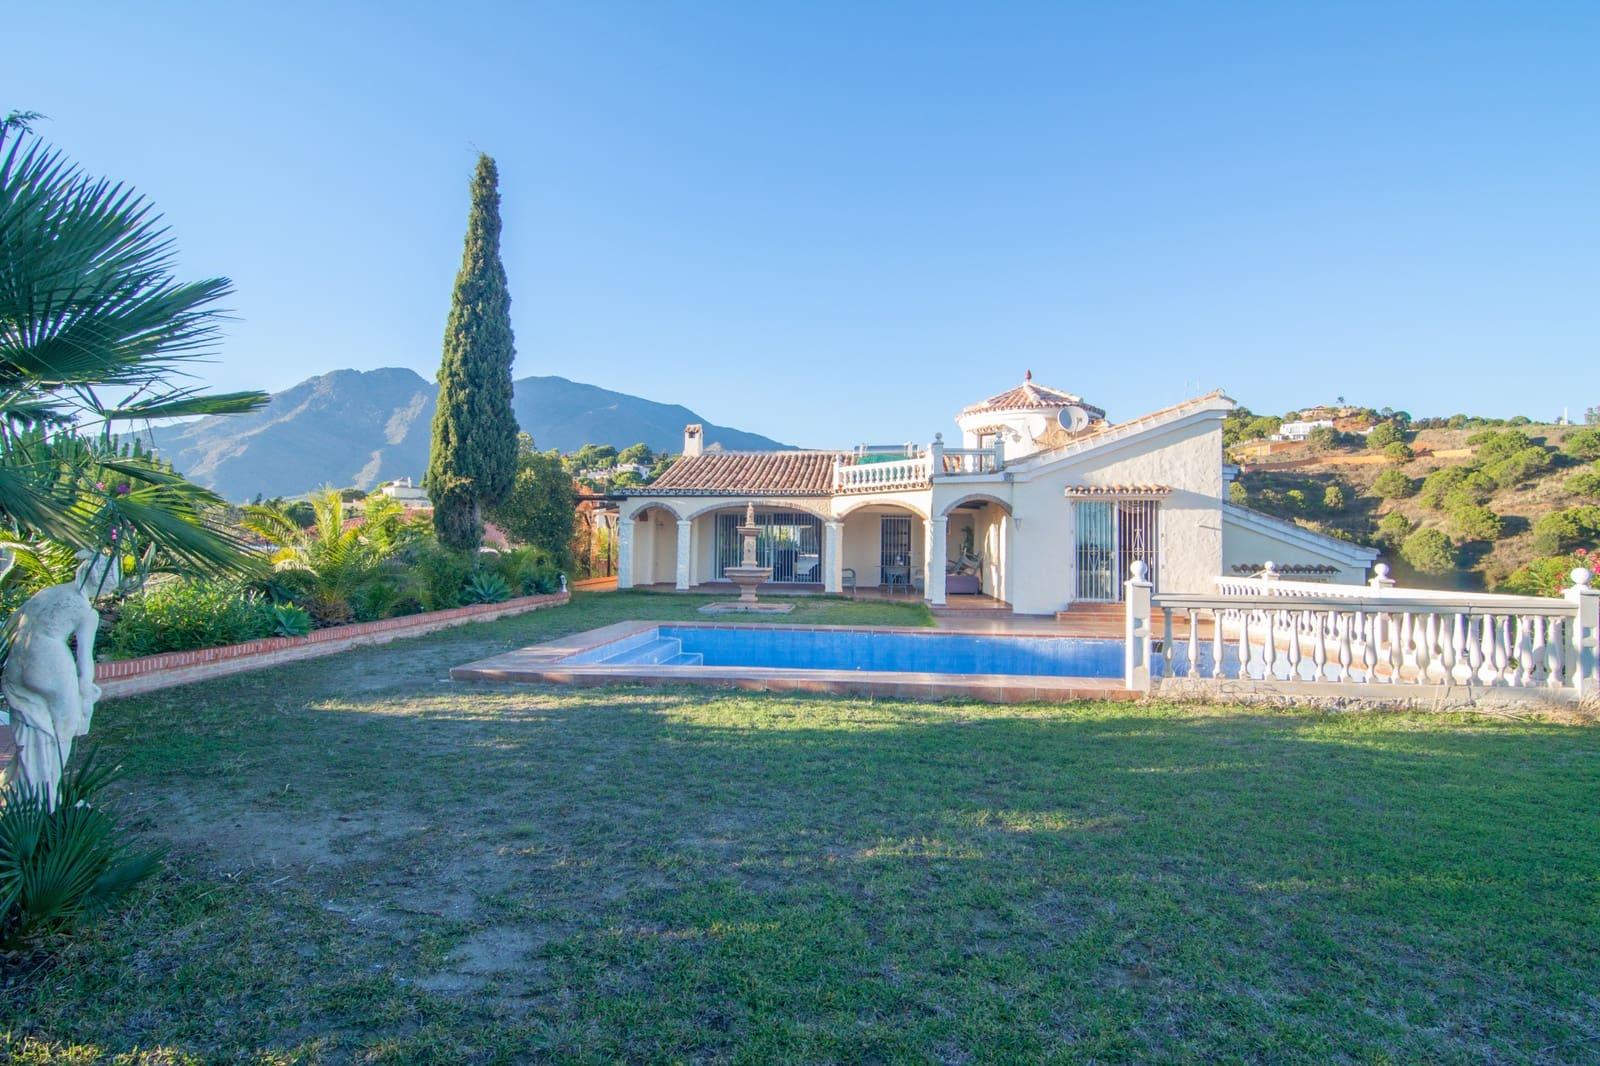 Finca/Casa Rural de 4 habitaciones en Estepona en venta con piscina - 695.000 € (Ref: 5115165)